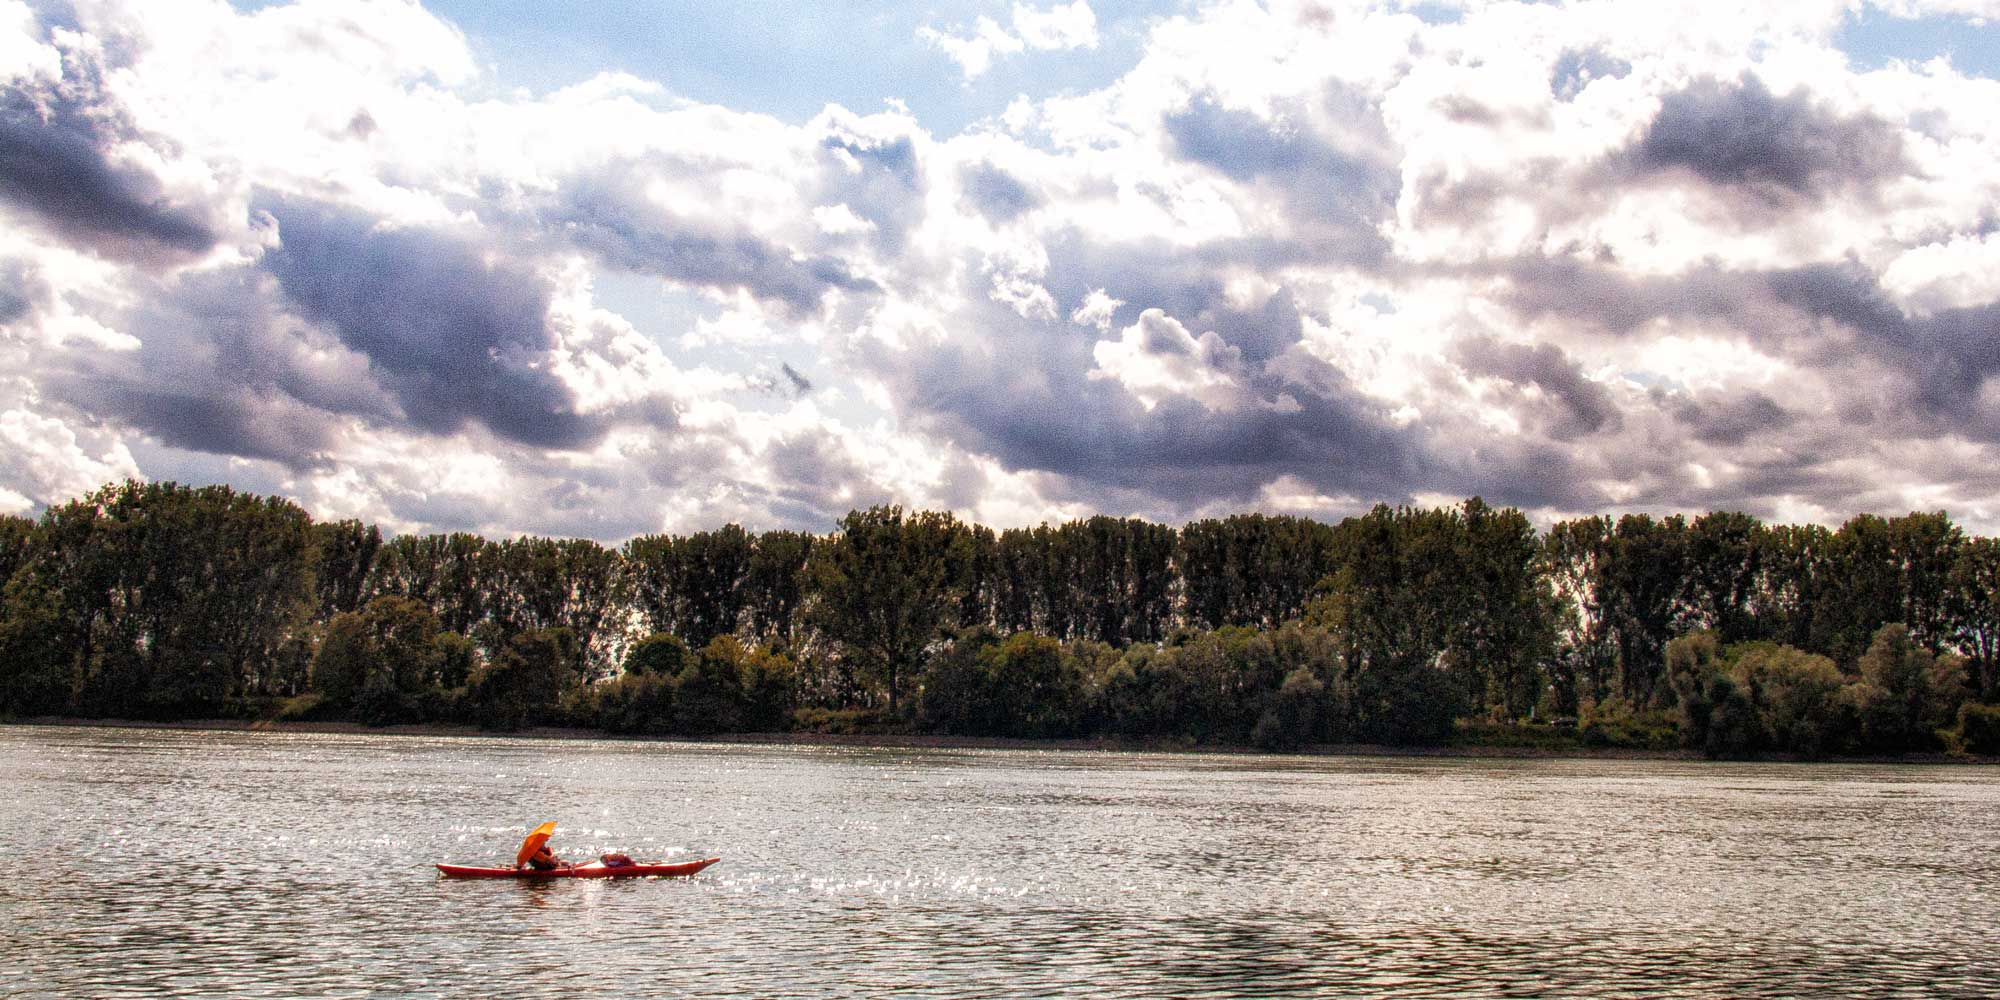 Der Rhein am Naturschutzgebiet Kühkopf-Knoblochsaue